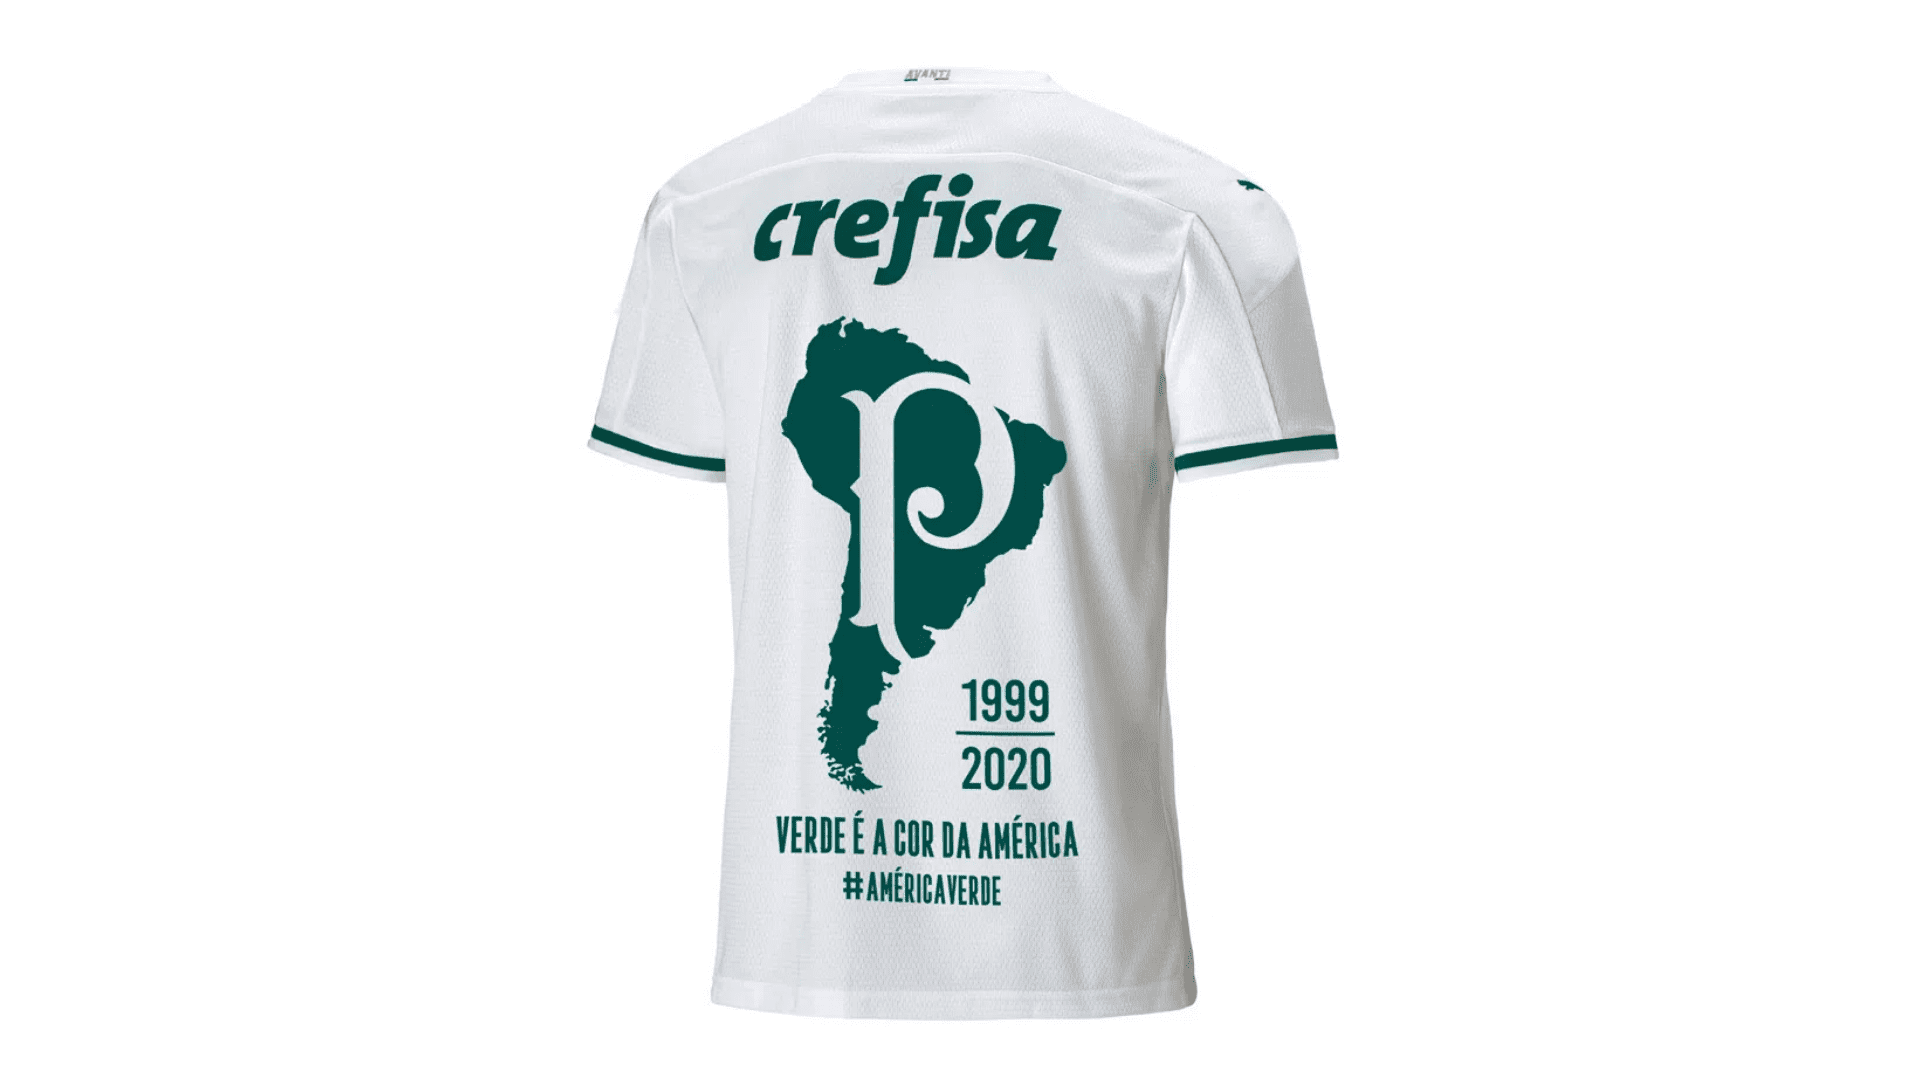 Camisa do Palmeiras Libertadores 2020 Puma Jogo 2 (Imagem: Divulgação/Puma)